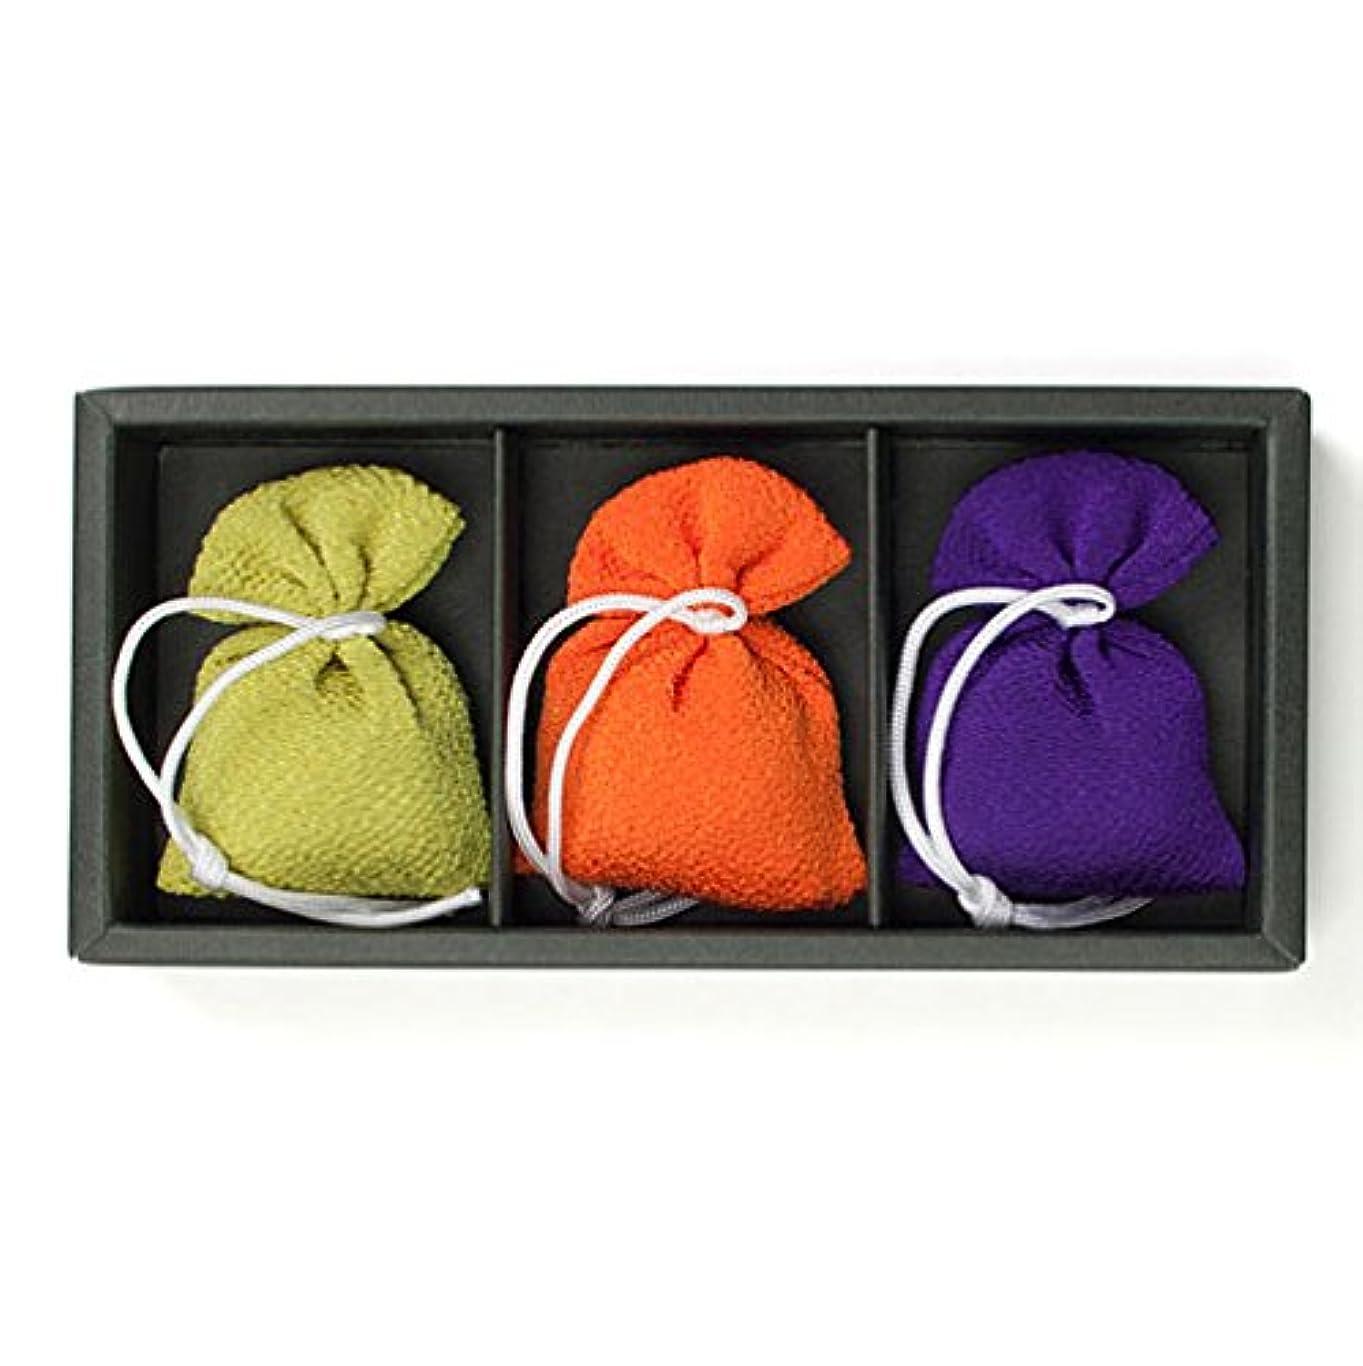 花に水をやる飲み込む帳面匂い袋 誰が袖 上品(無地) (色はおまかせ) 3個入 松栄堂 Shoyeido